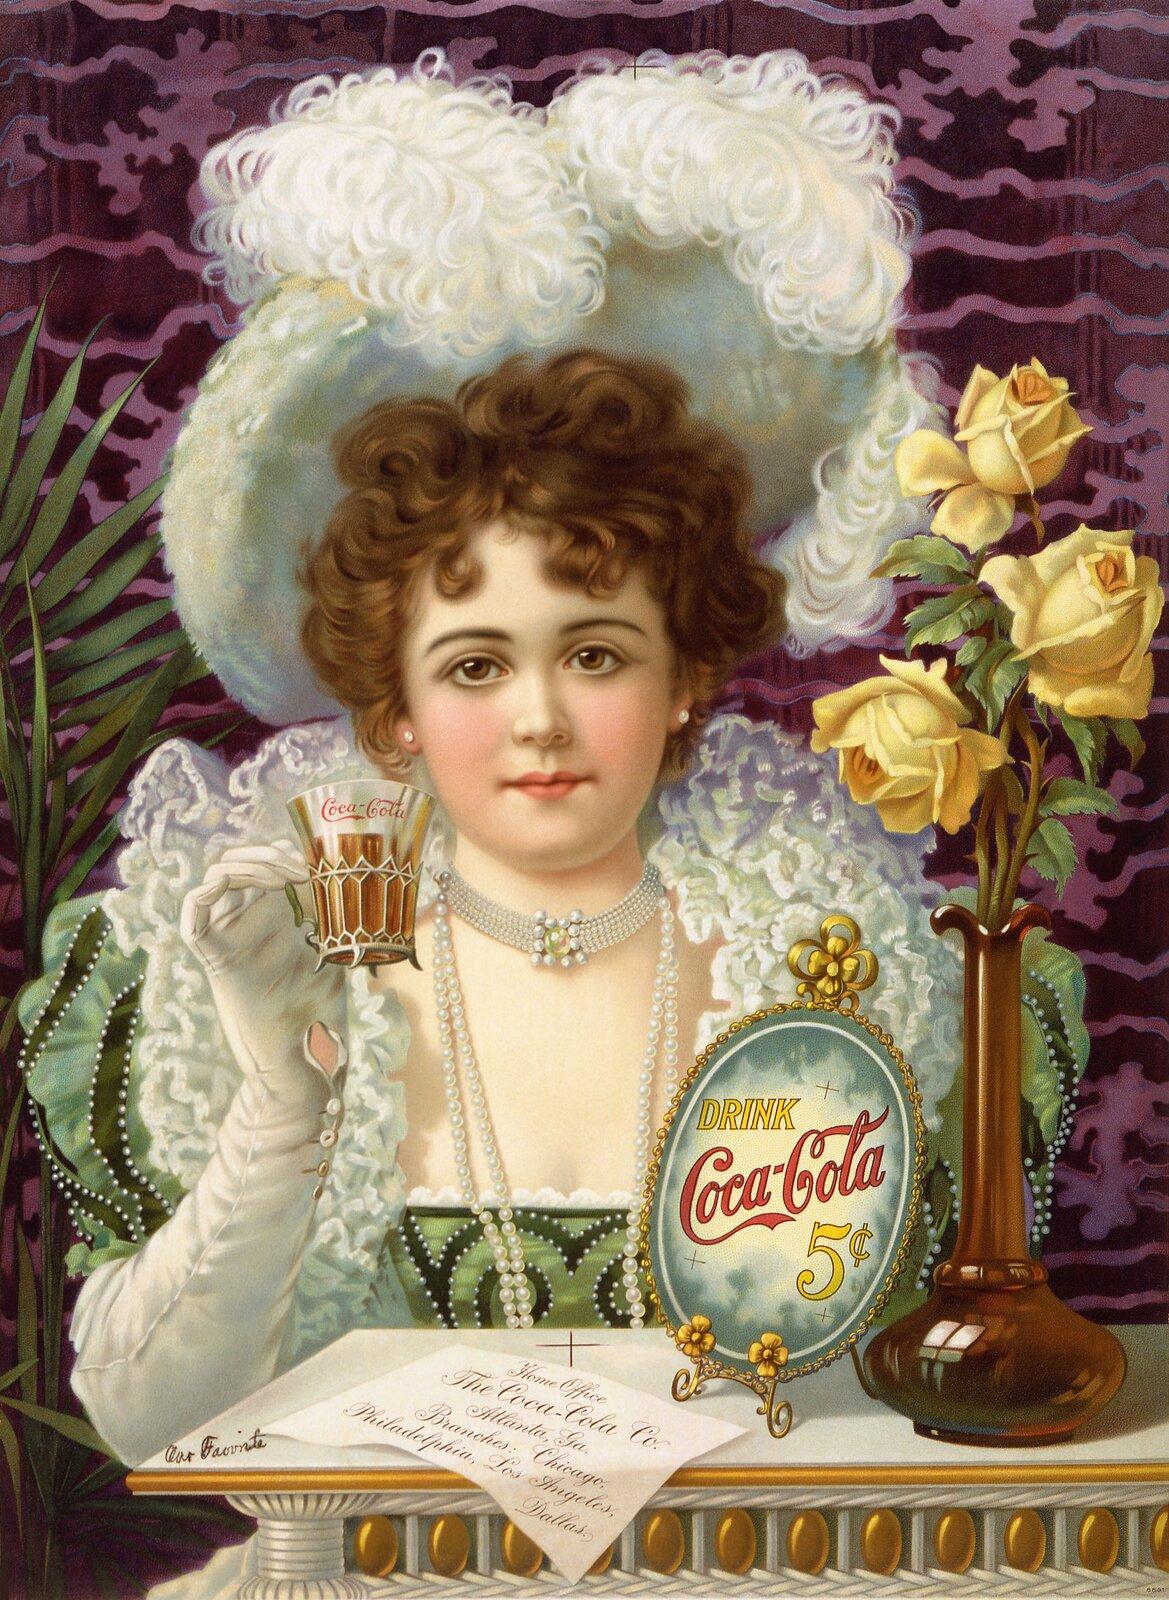 """Ilustracja przedstawia plakat reklamowy """"Drink Coca-Cola 5¢"""". Grafika ukazuje młodą kobietę pijącą ze szklaneczki napój. Cała praca stylizowana jest na barokowy obraz. Dziewczyna ma na sobie zieloną, bogato zdobioną suknię zdużym dekoltem, na ramiona zarzucony biały, falbaniasty szal, na głowie biały kapelusz zdwoma puszystymi piórami, spod którego wystają krótkie, falowane włosy. Prawą ręką wbiałej rękawiczce unosi do góry szklankę wmetalowym, ozdobnym koszyczku. Na szyi zapięty ma naszyjnik zpereł. Młoda kobieta ma delikatną, zaróżowioną twarz odużych, brązowych oczach. Przed nią znajduje się biały stolik ze złotymi zdobieniami, na którym stoi flakon zżółtymi różami oraz obrazek znapisem """"DRINK Coca-Cola 5¢"""" wozdobnej, okrągłej ramce. Przed obrazkiem leży karteczka zwykaligrafowanym napisem. Postać ustawiona jest na ciemno-różowym tle."""